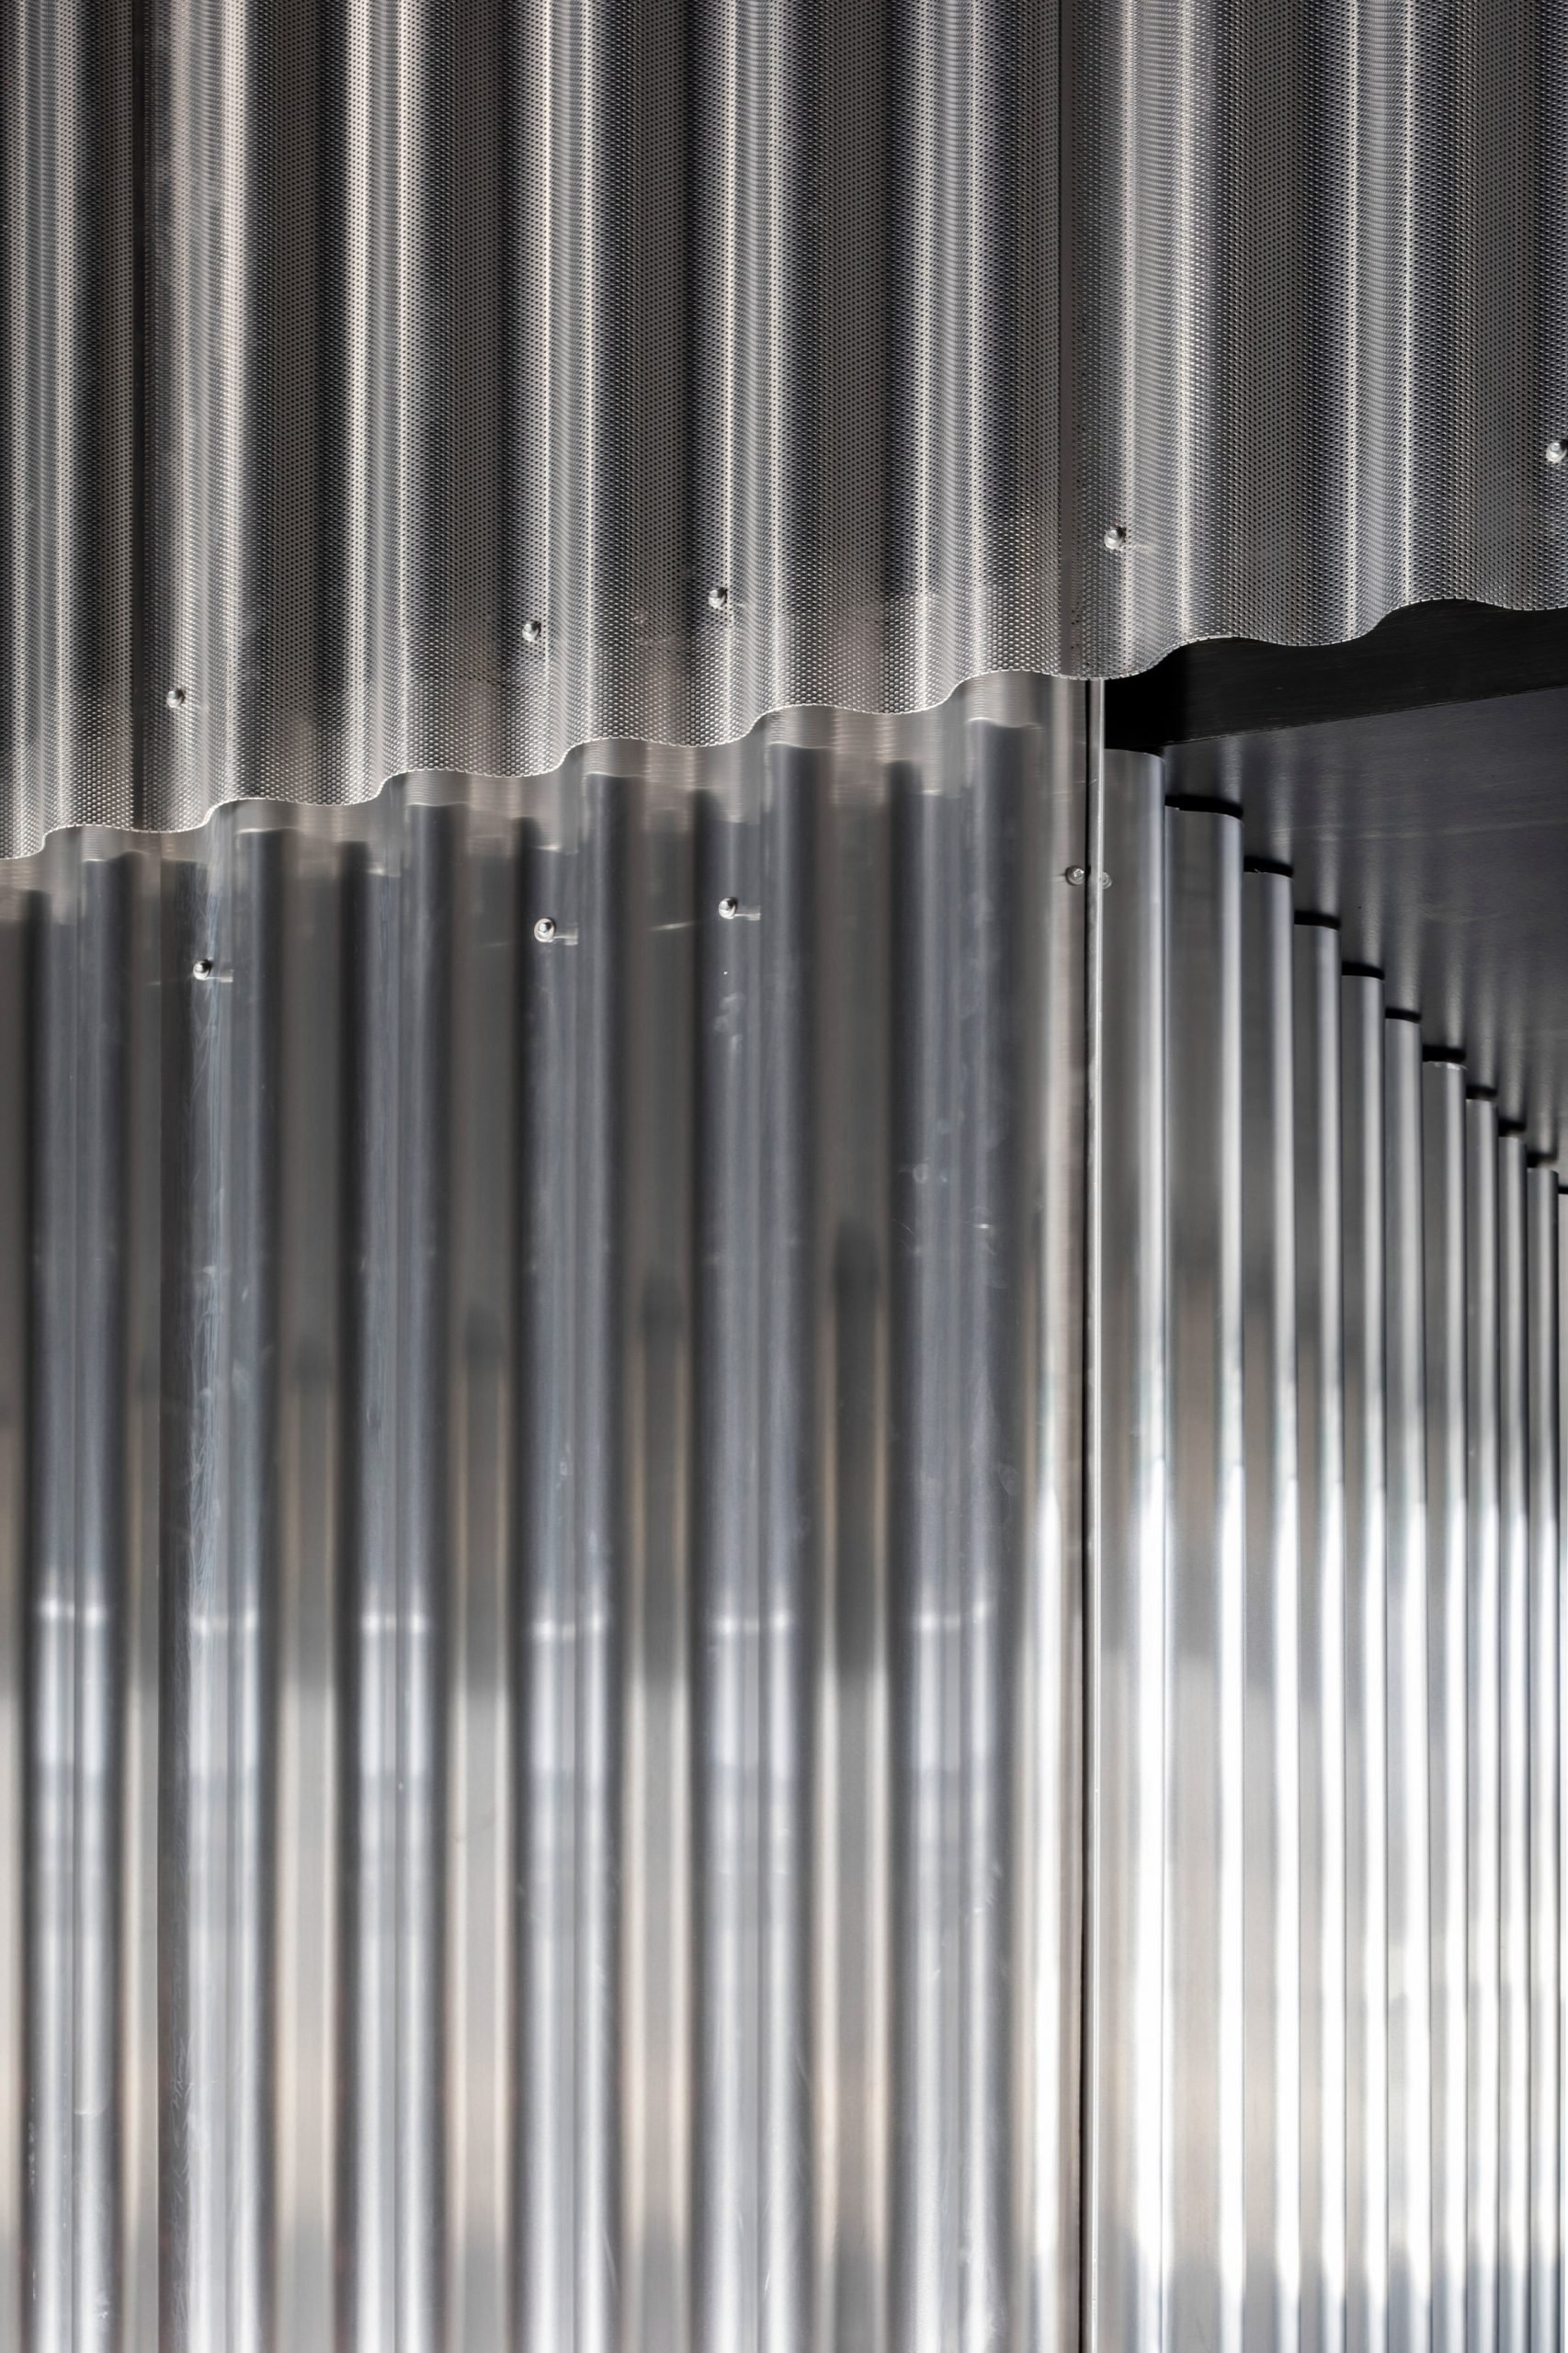 Corrugated aluminium-clad walls